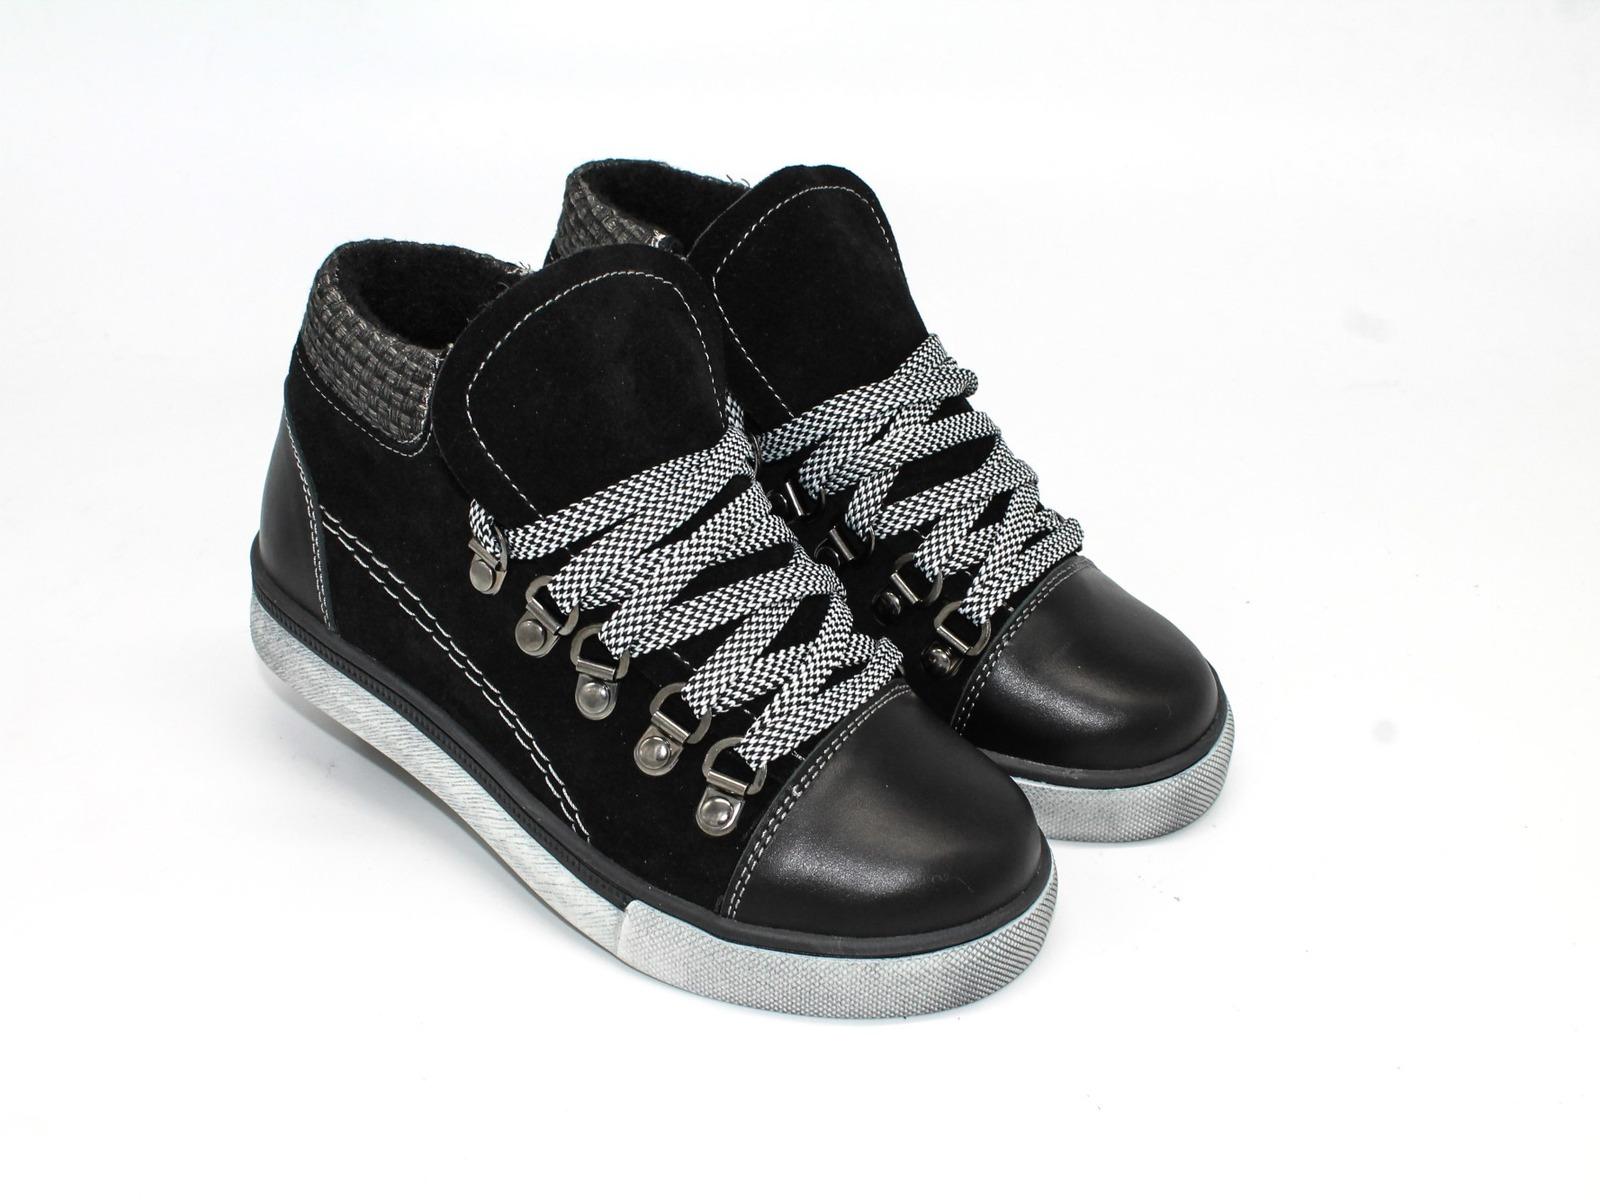 Ботинки Masheros для мальчиков черные кожа+замша - купить в интернет ... 5dc636ad619e4